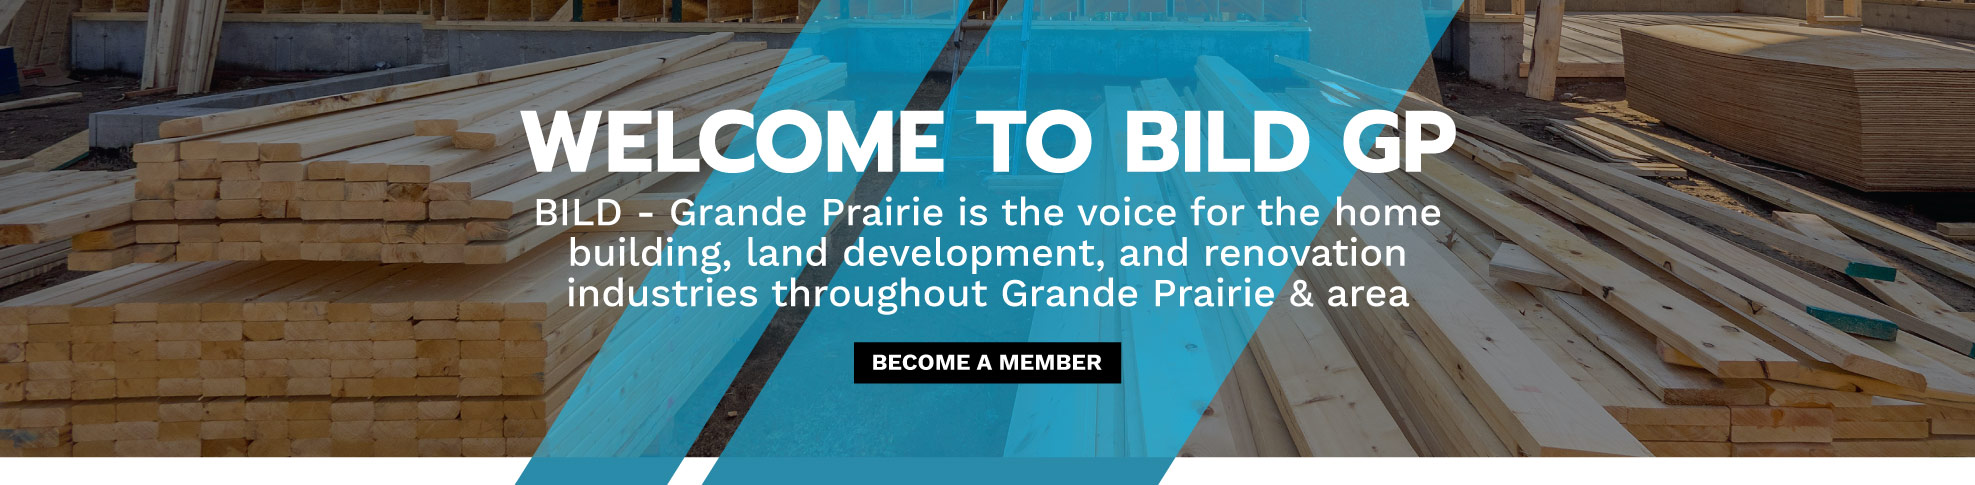 BILD GP - Home Builders Association in Grande Prairie - Homepage Slider 1